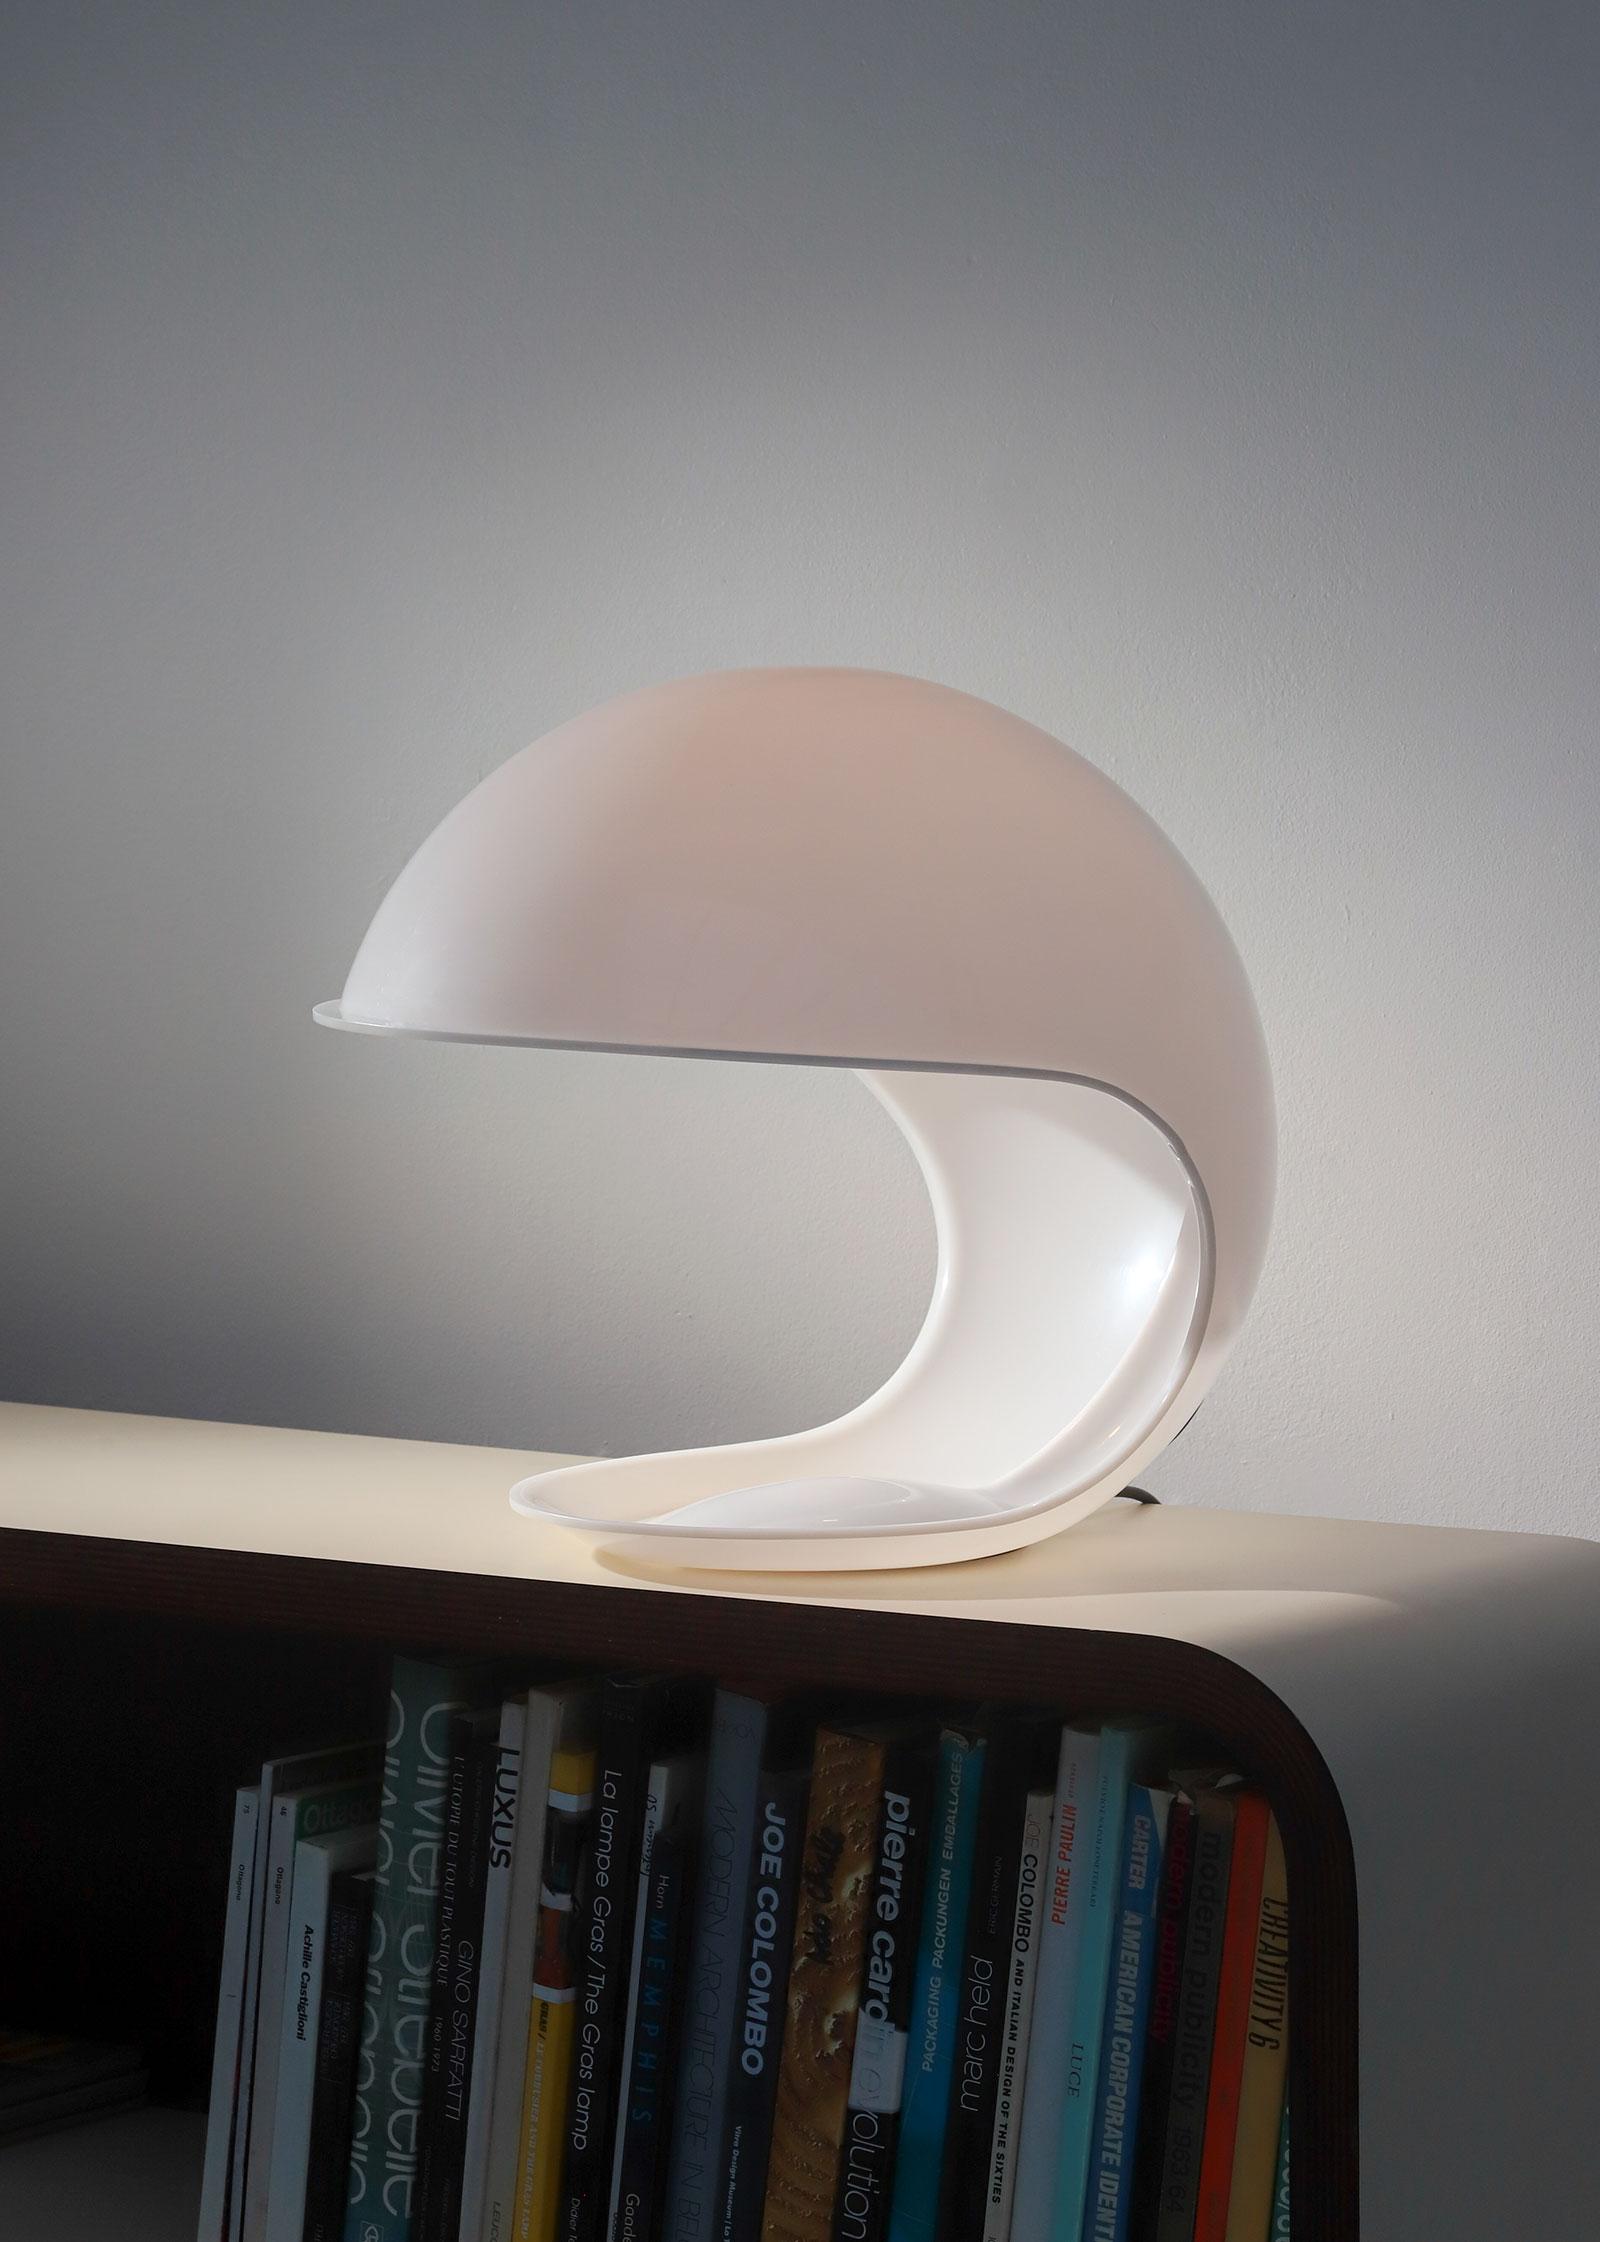 Martinelli Foglia table lampimage 9